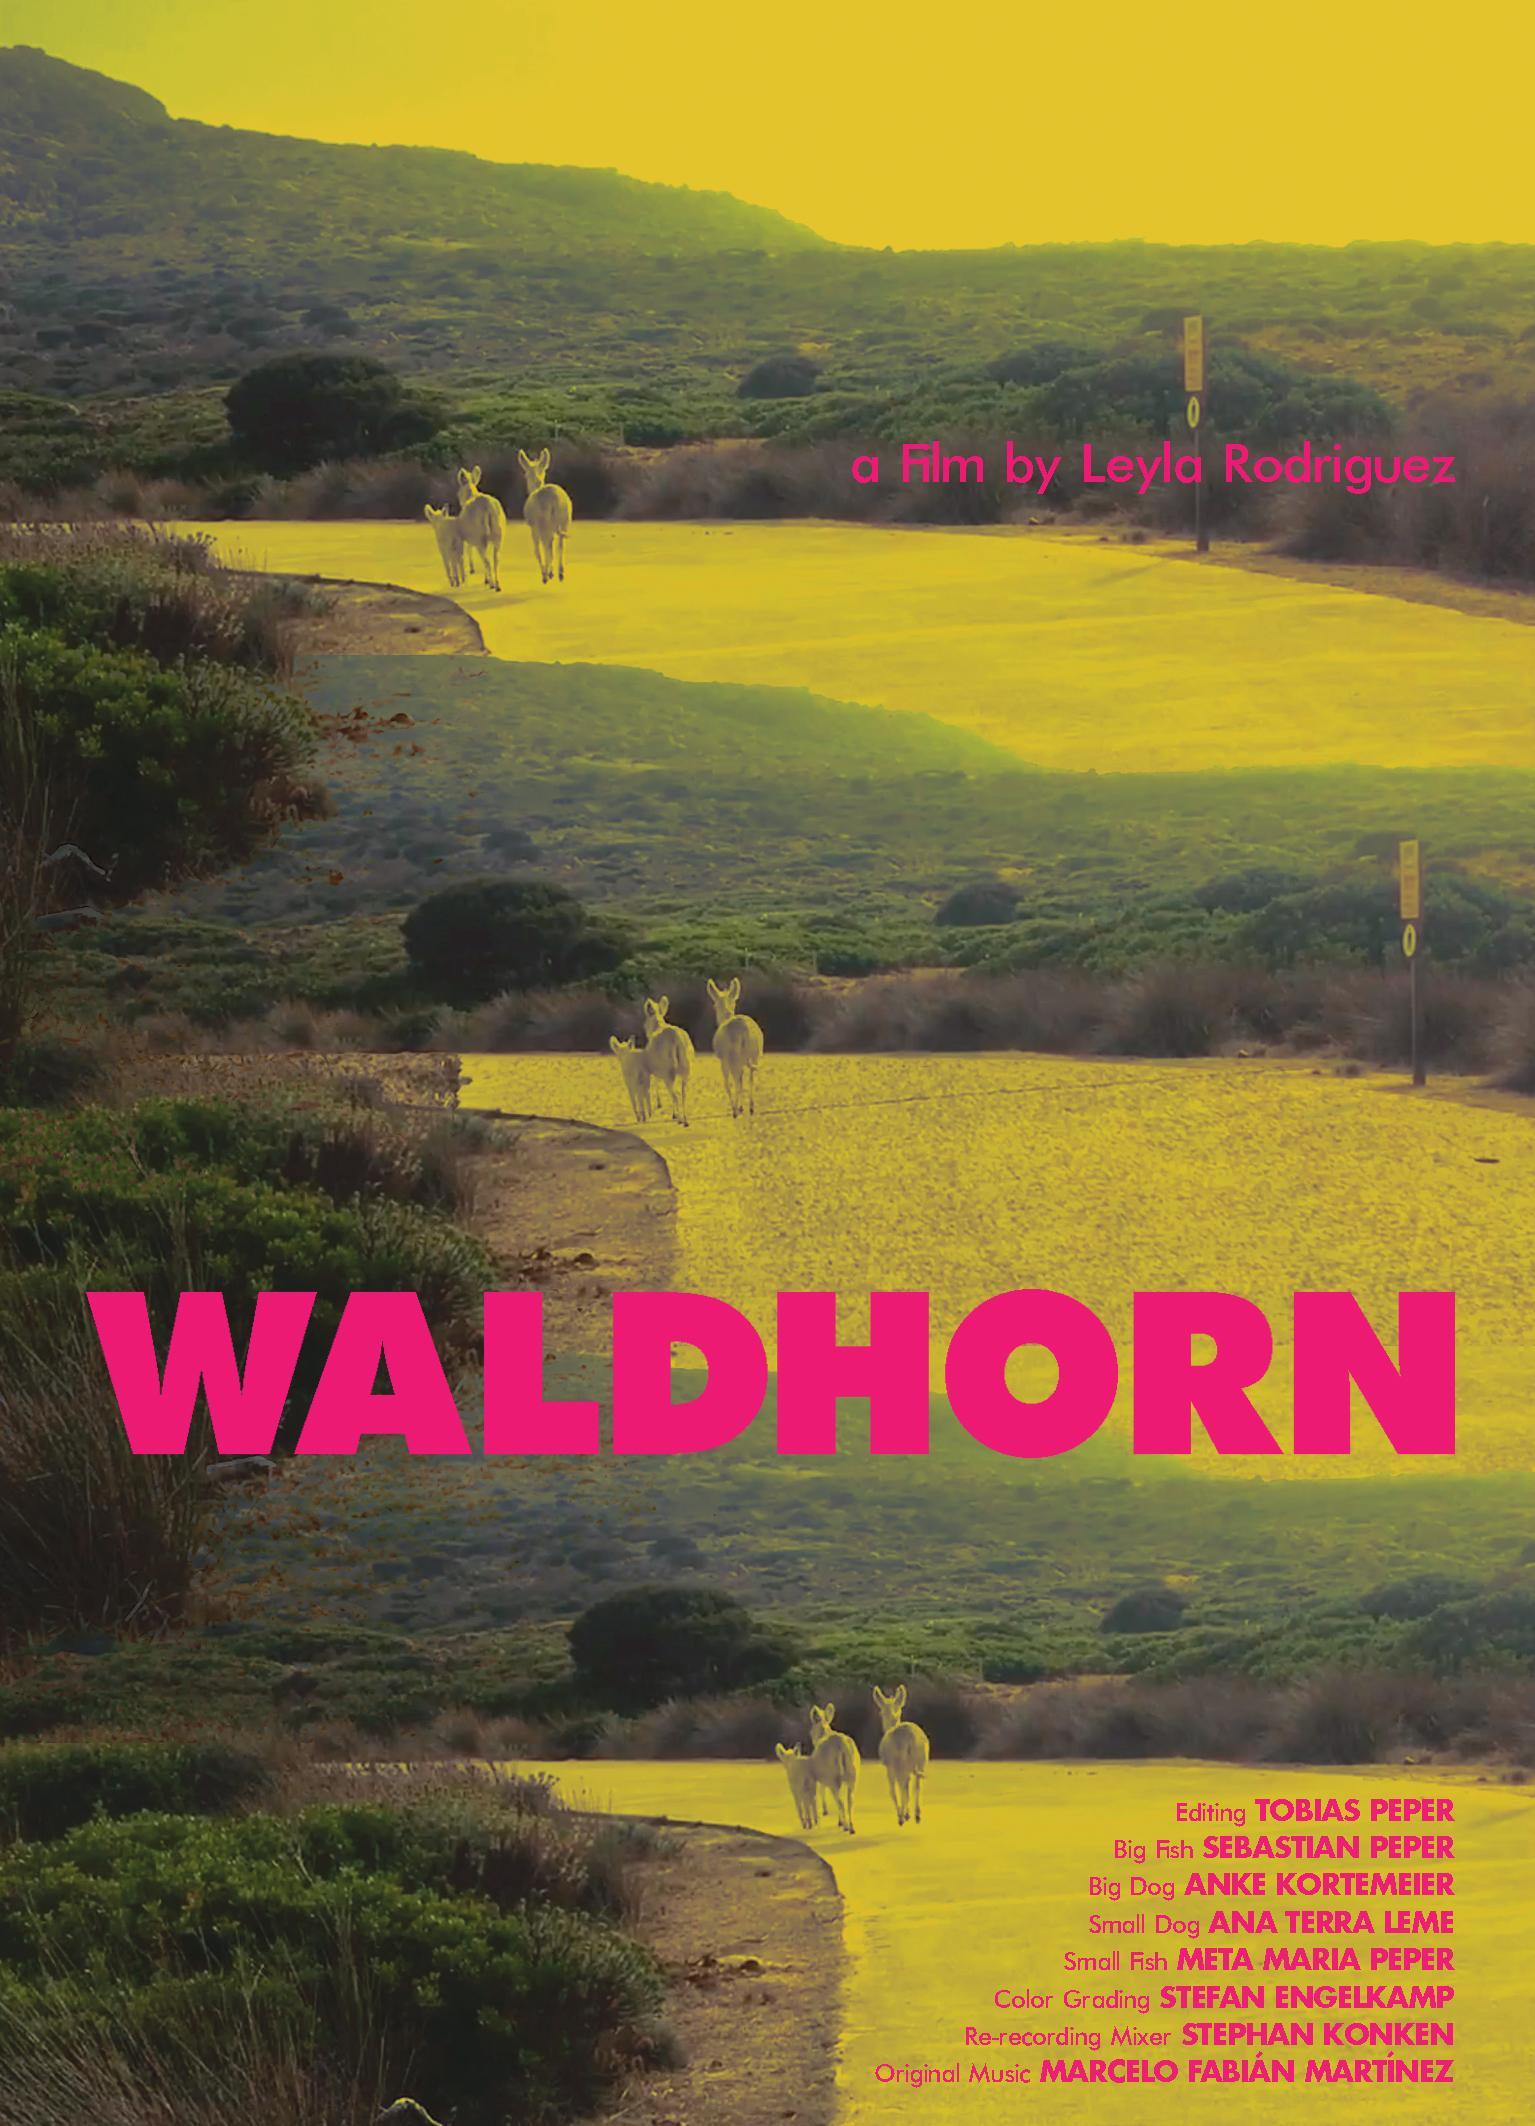 Waldhorn from Leyla Rodriguez @ the Tranås at the Fringe INTERNATIONAL ARTS FESTIVAL, Tranås/ SWEDEN